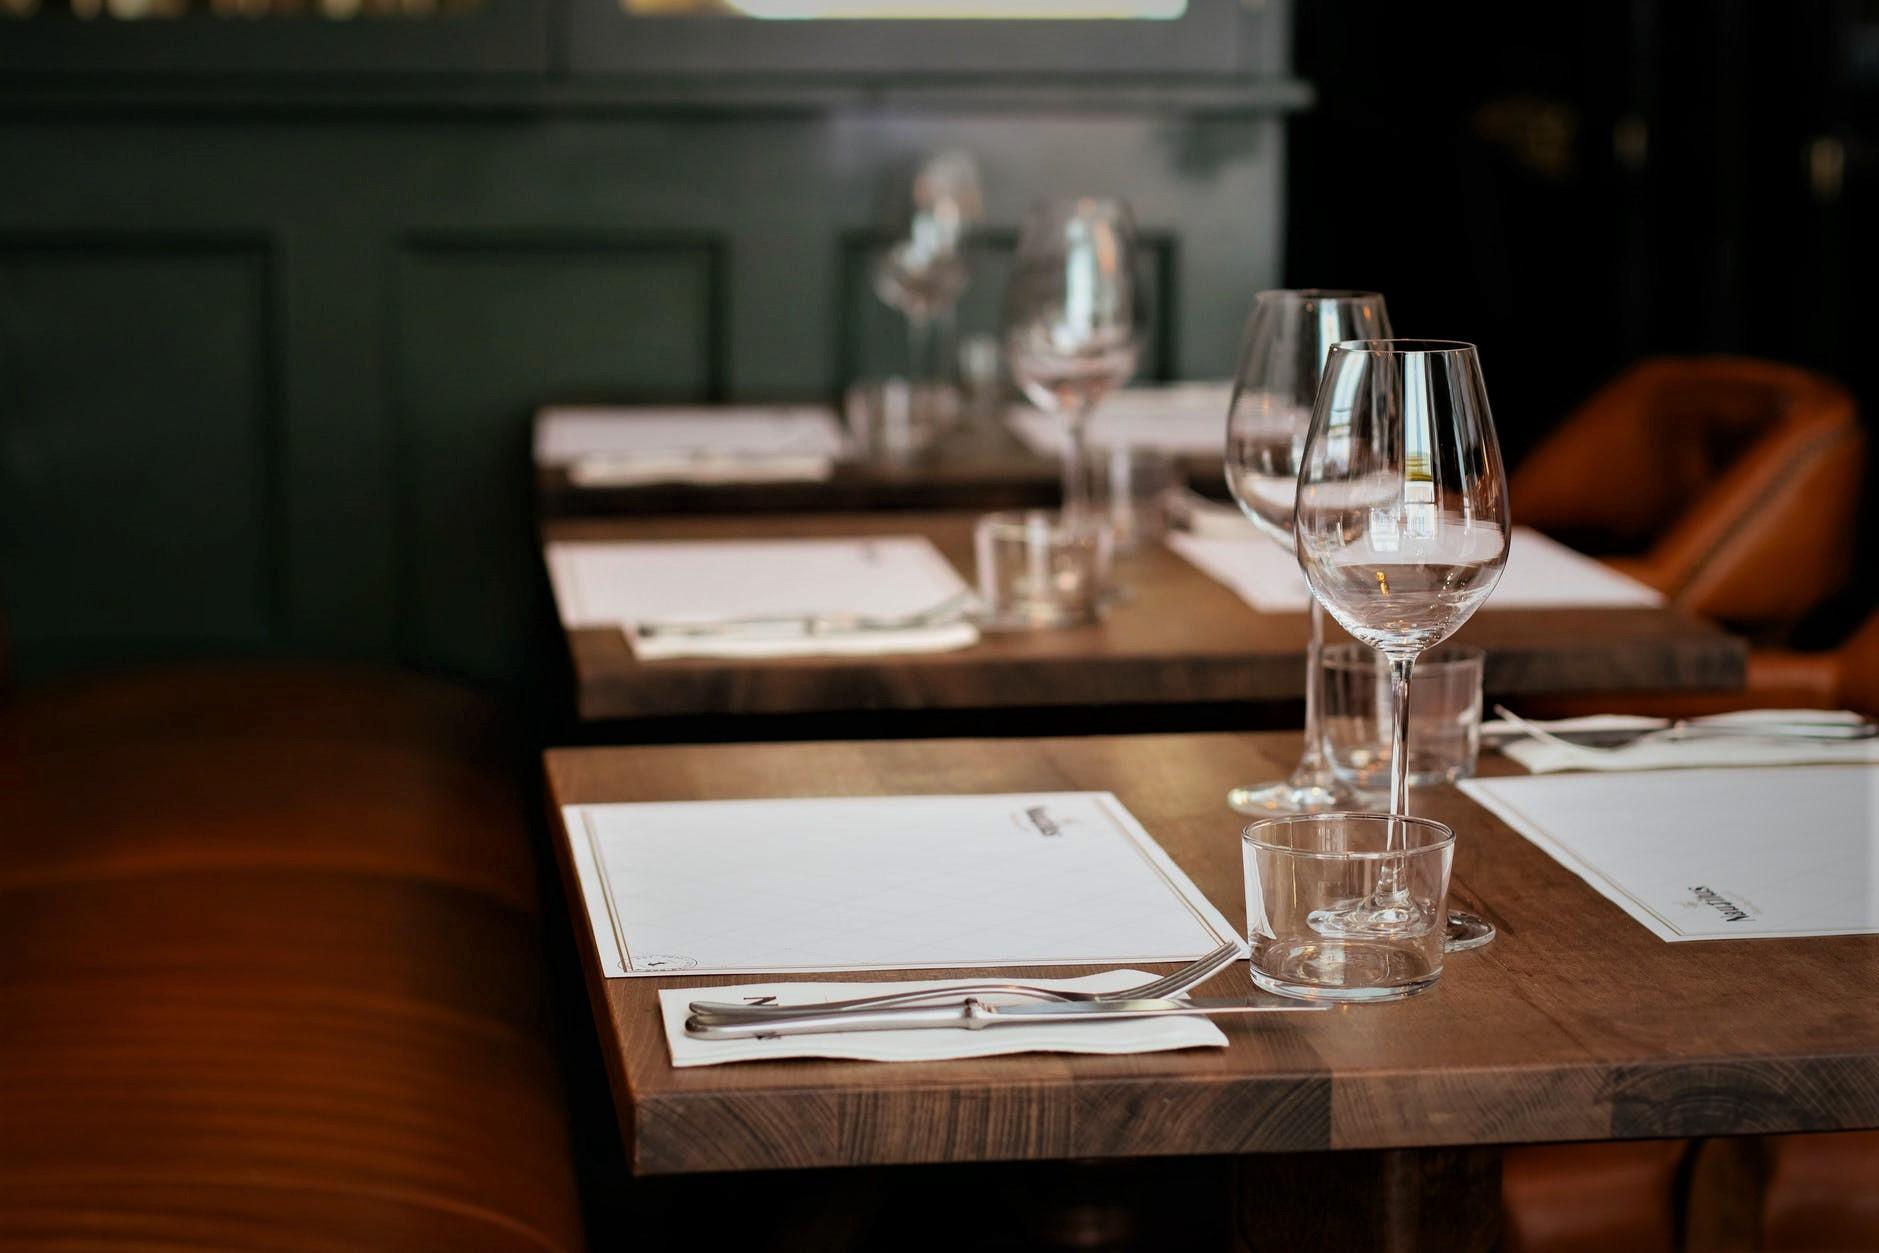 Ресторан с мансардой и действующей алколицензией